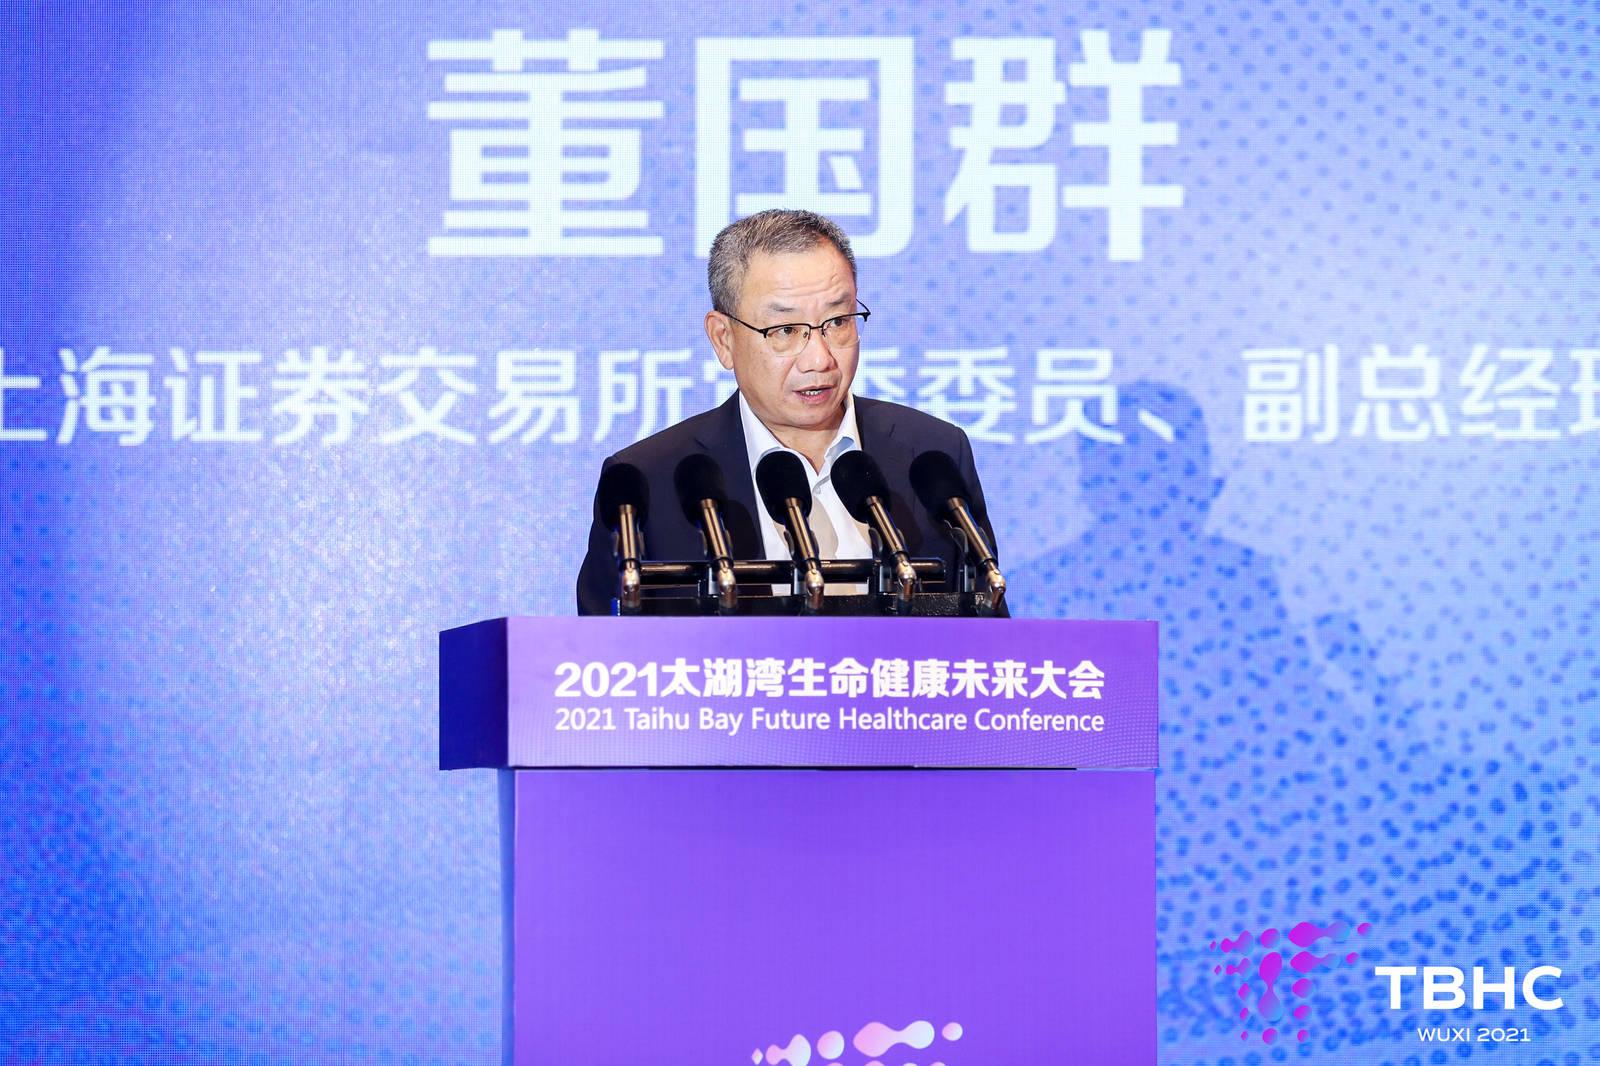 上交所副总经理董国群:科创板正成为新兴的具有全球竞争力的生物医药上市中心